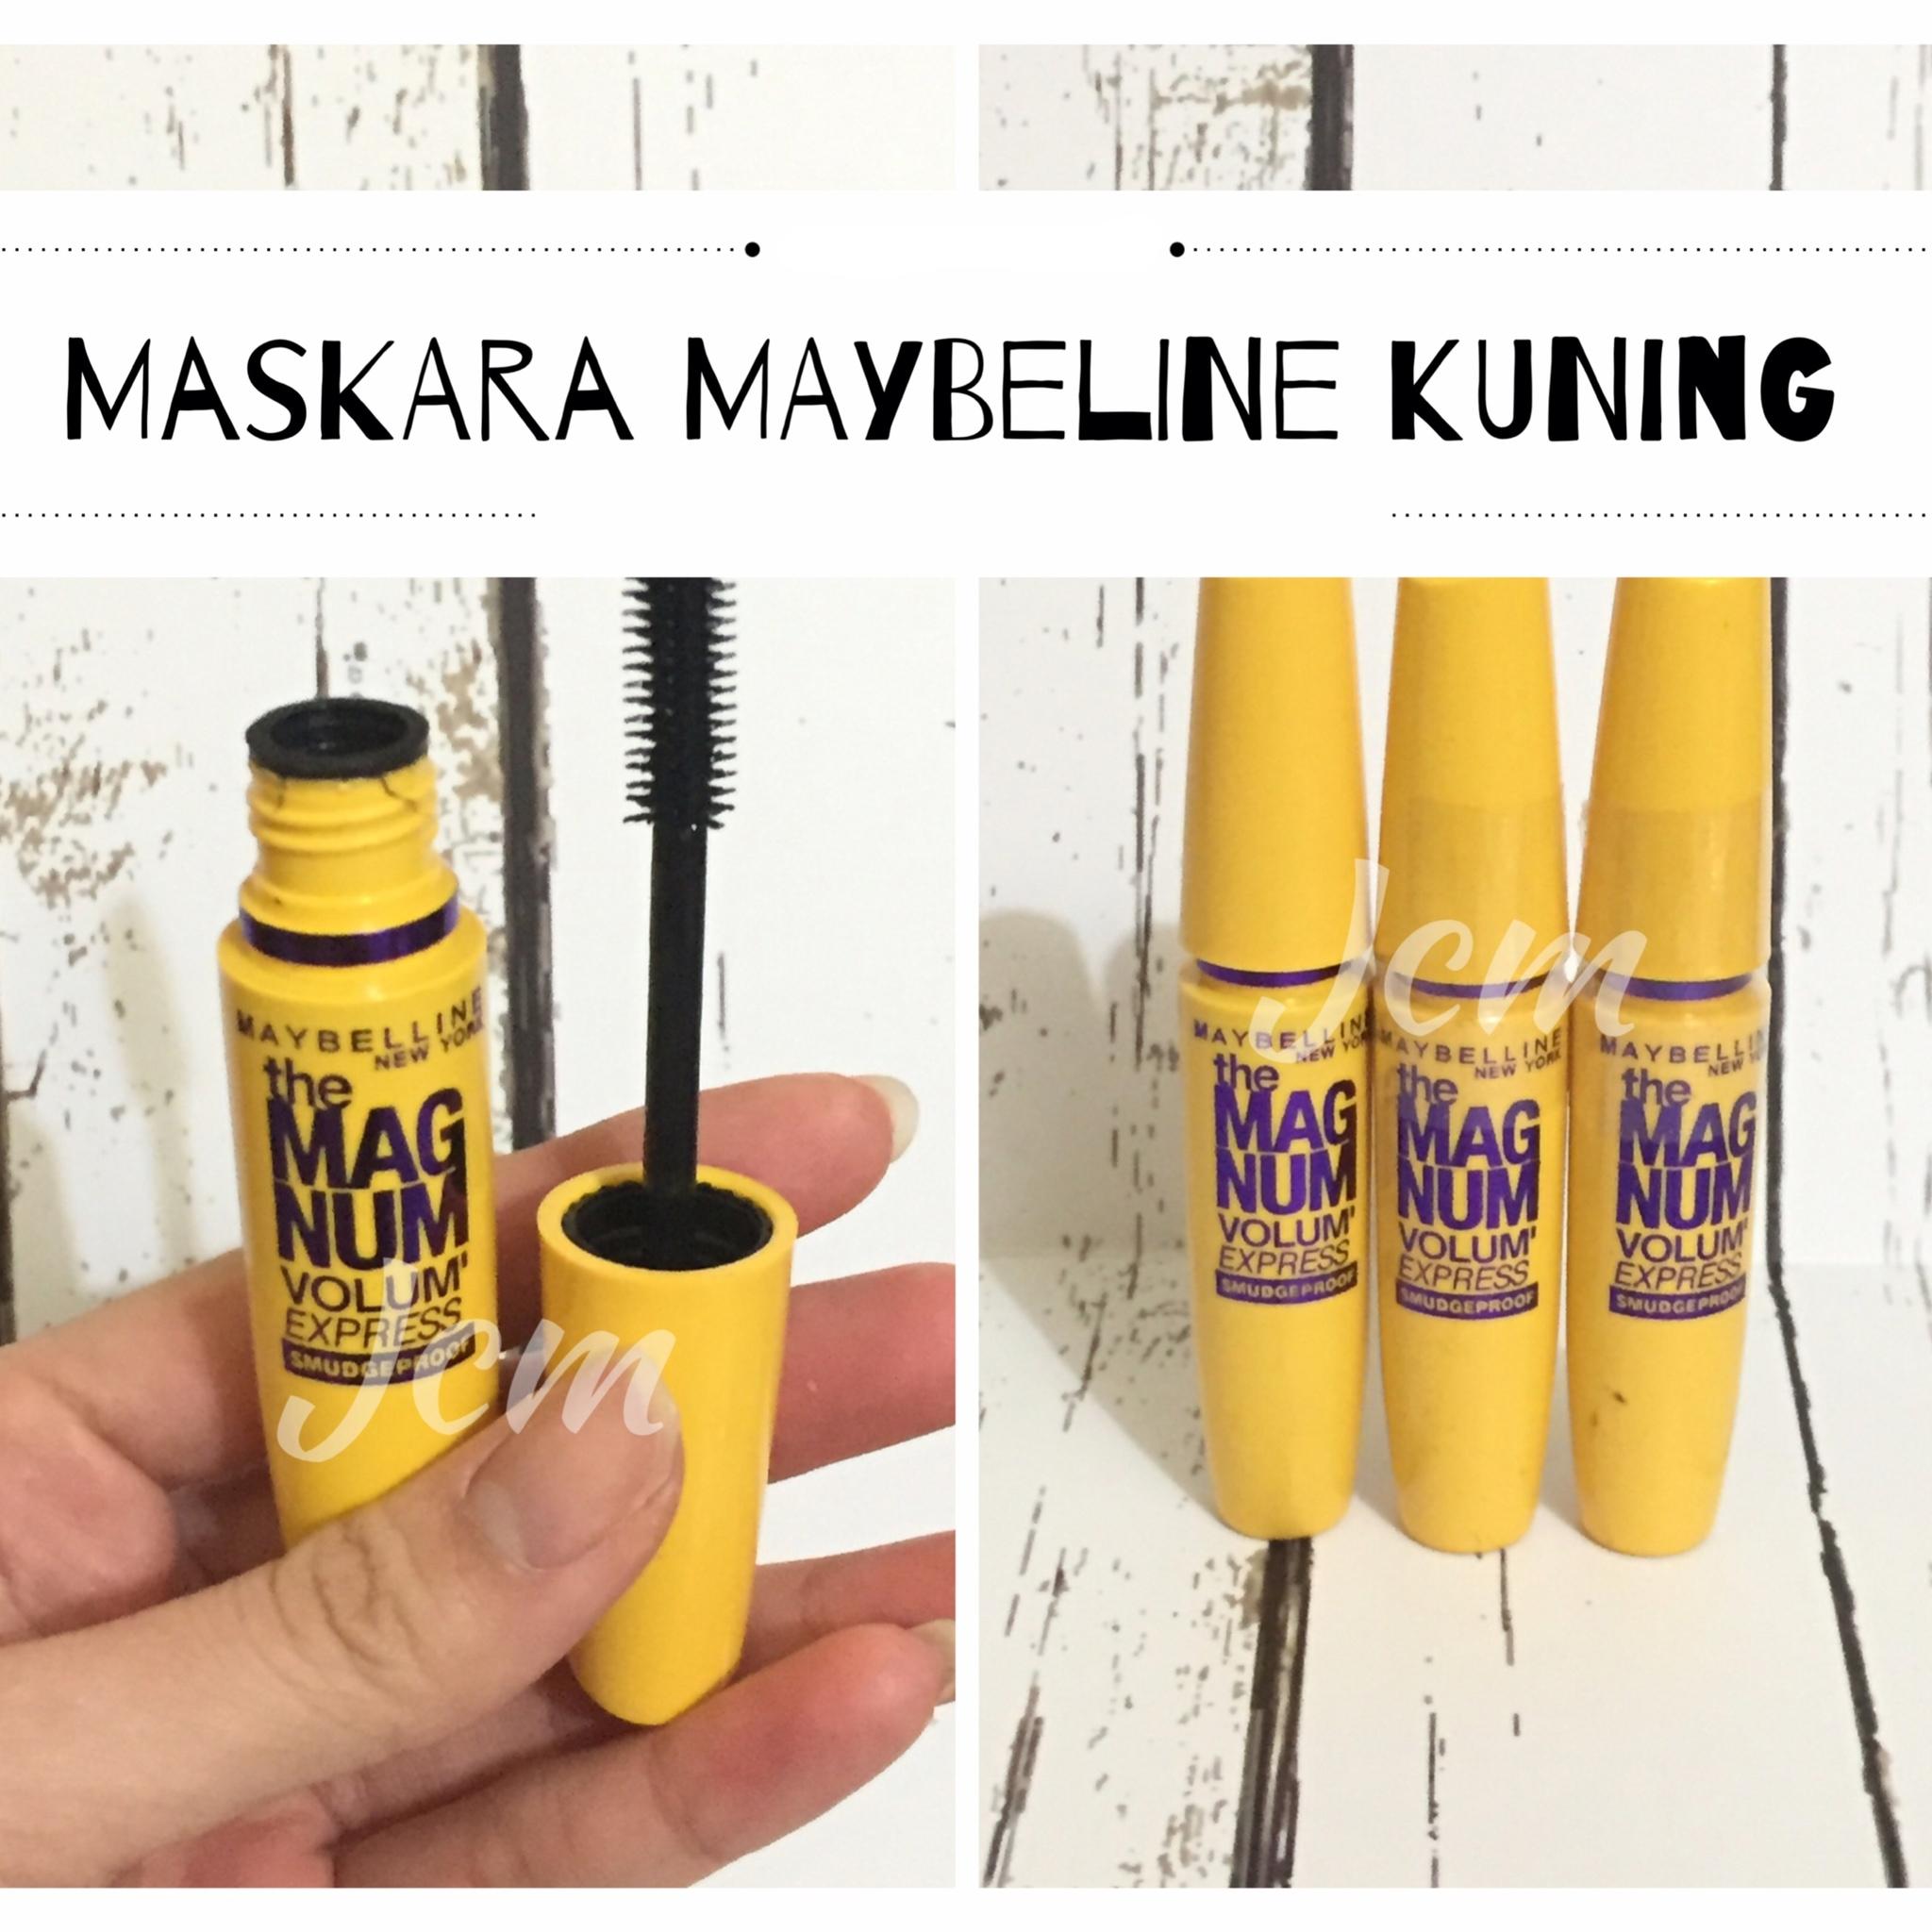 MASCARA MAYBELINE MAGNUM KUNING